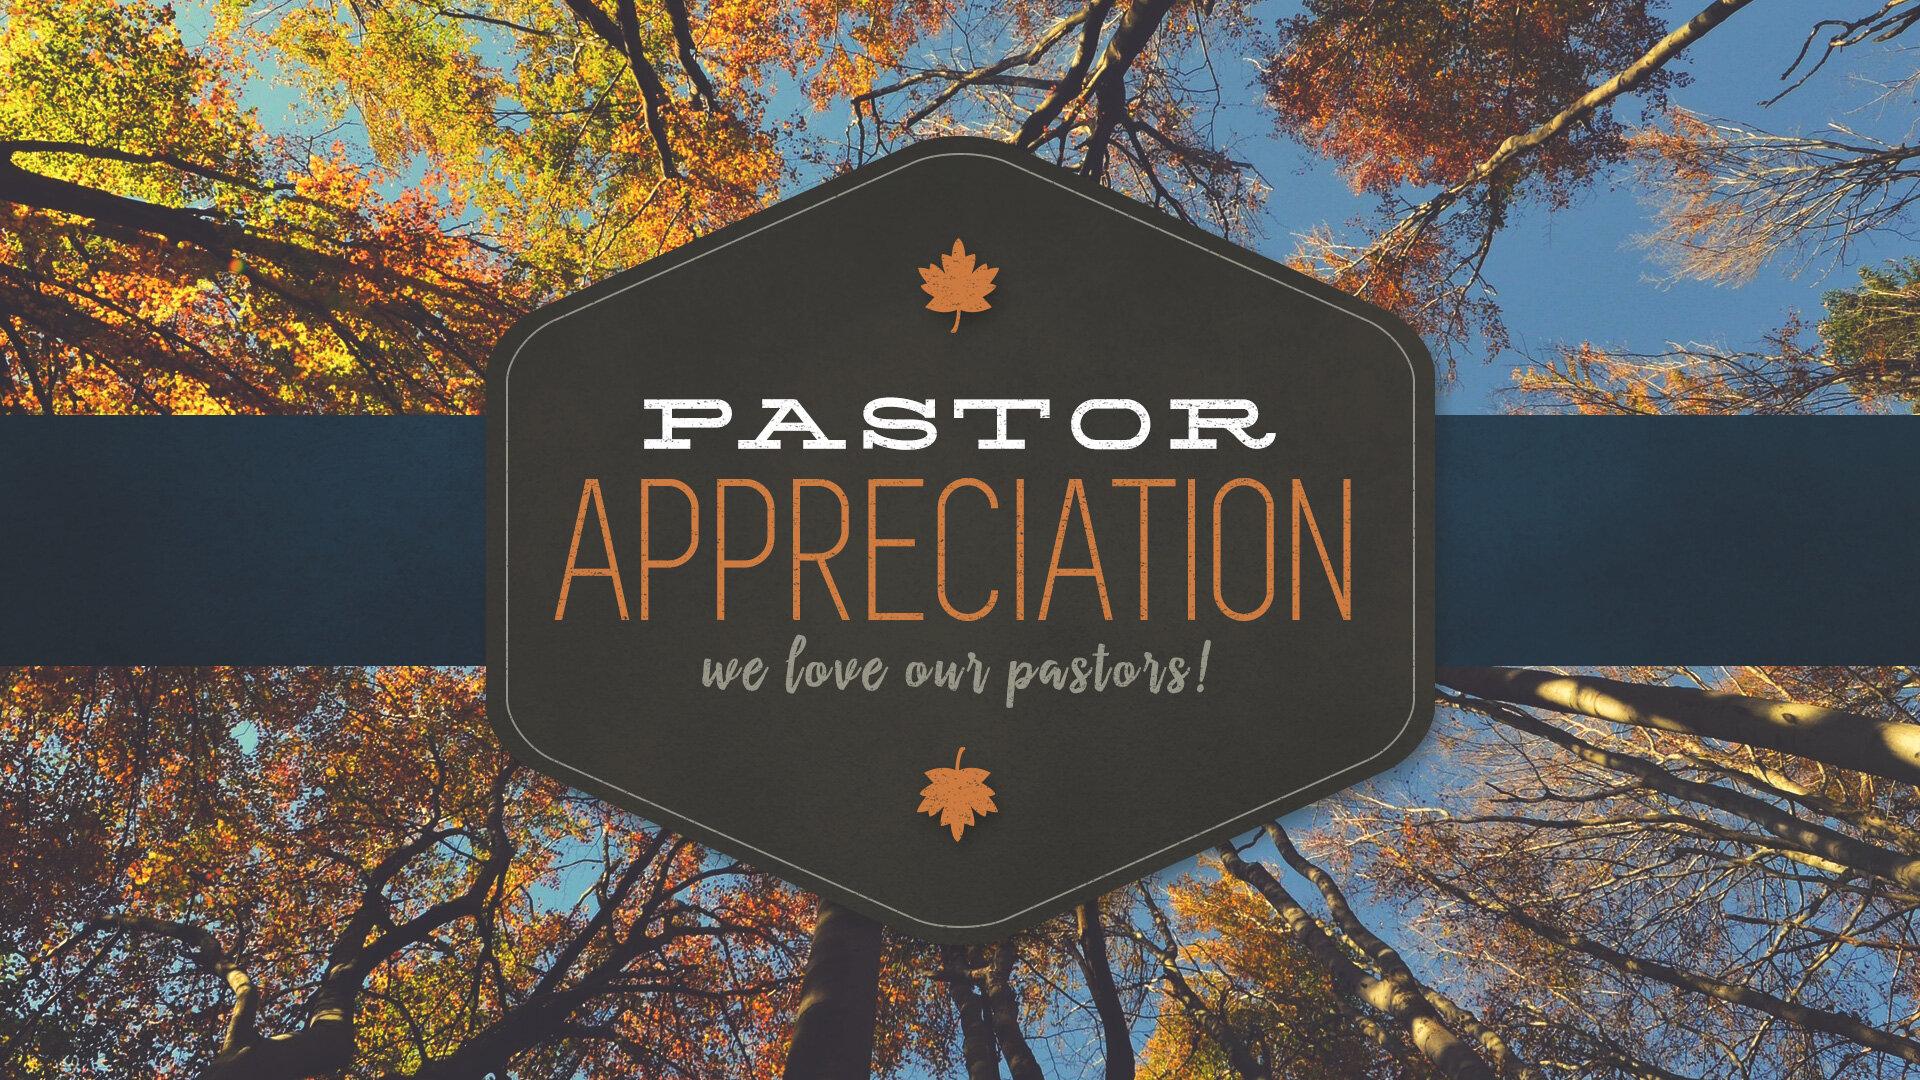 PastorAppreciation-HD.jpg